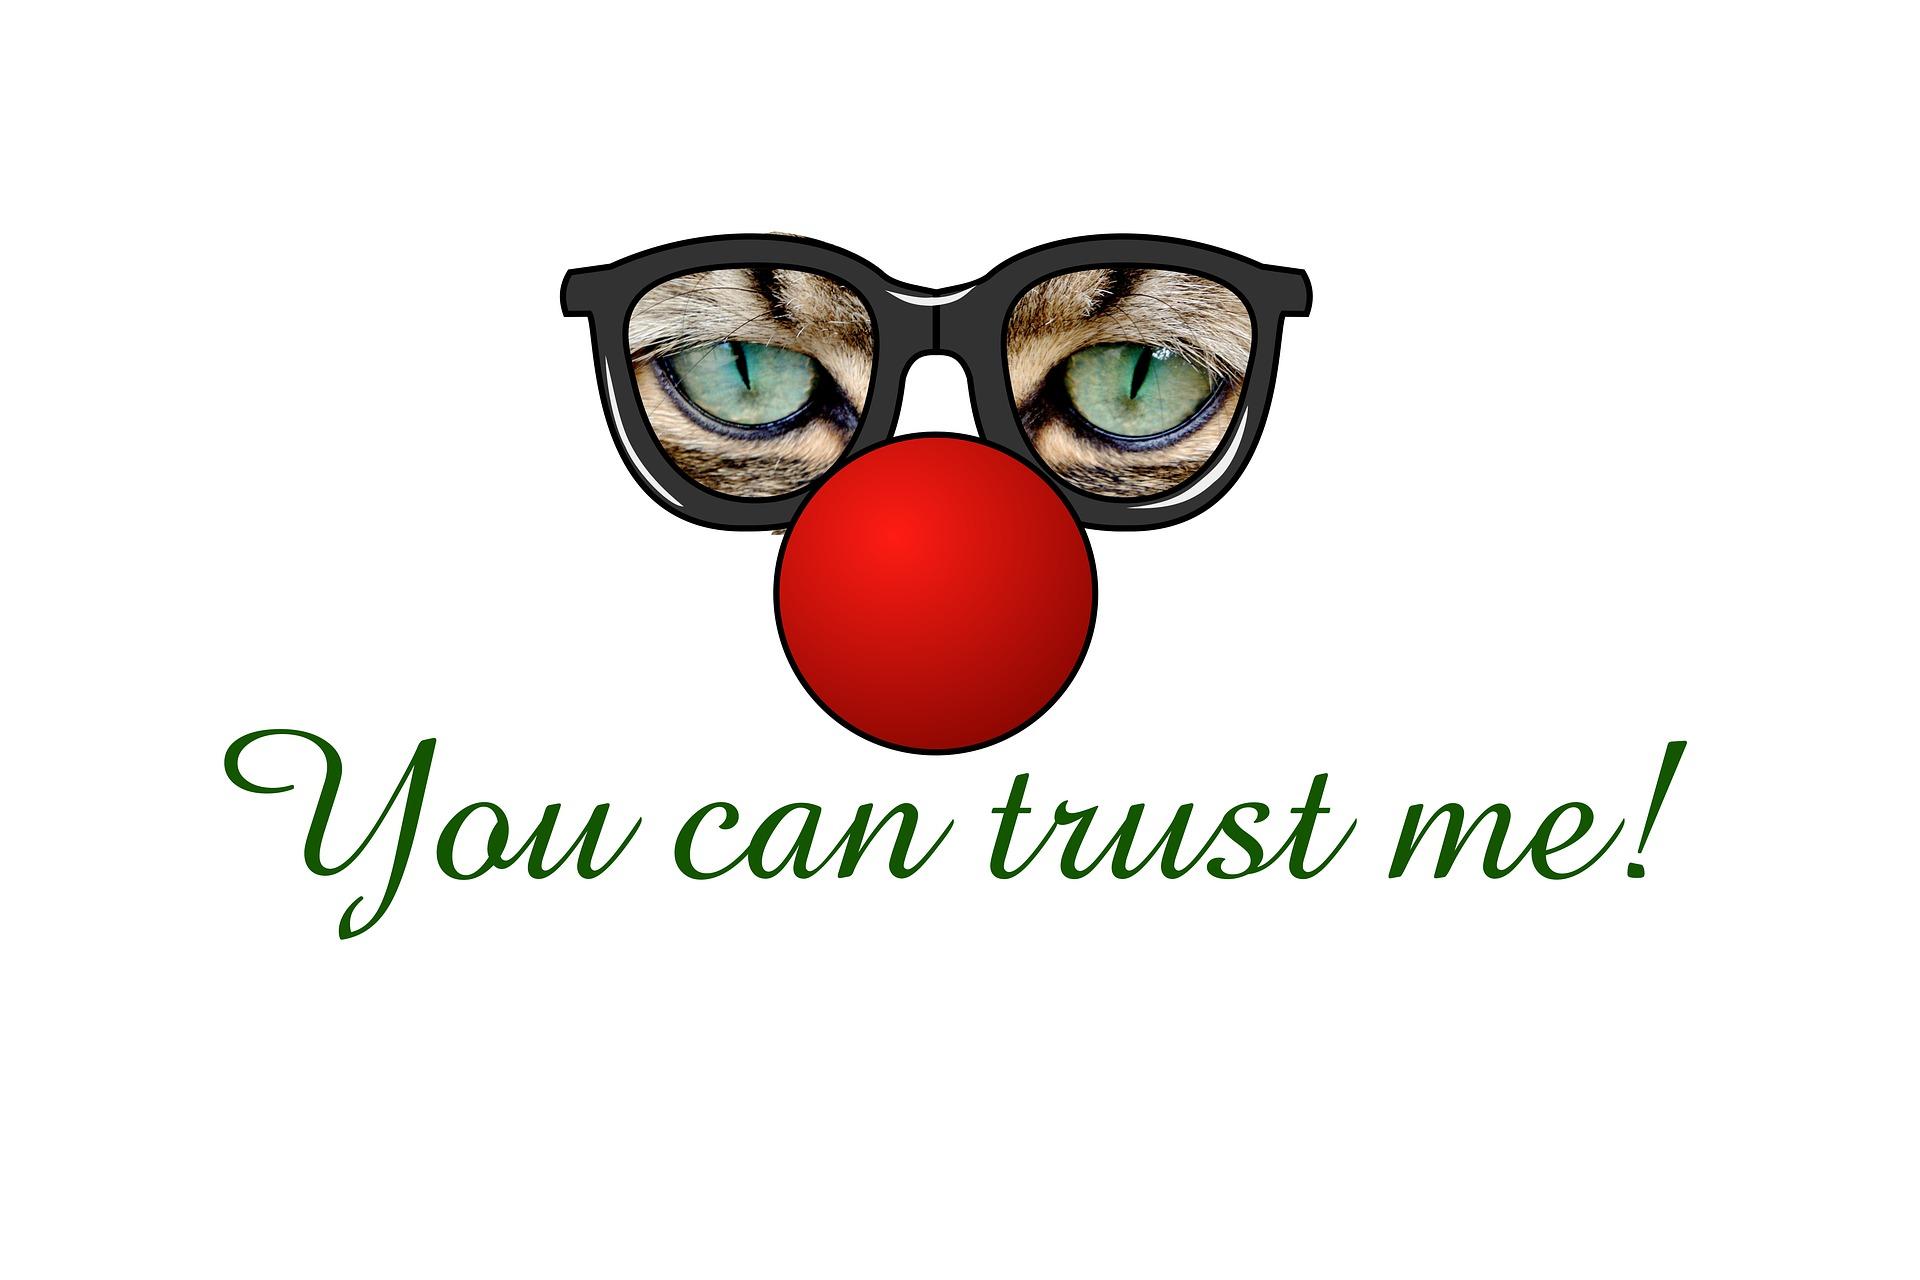 desconfianza